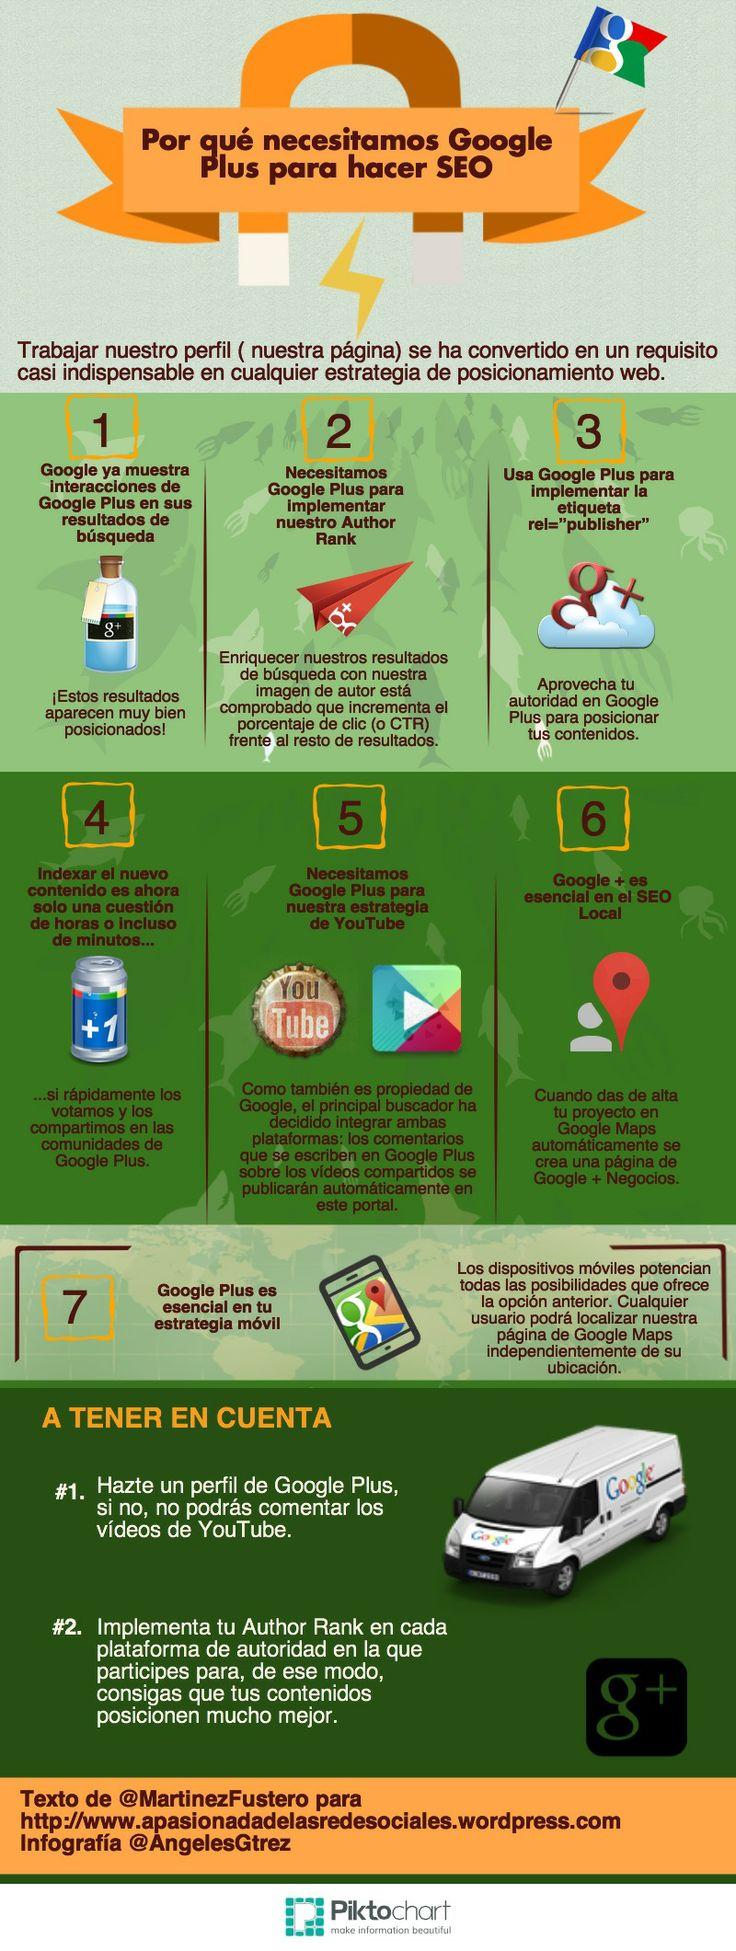 ¿Por qué utilizar Google+ para hacer SEO?